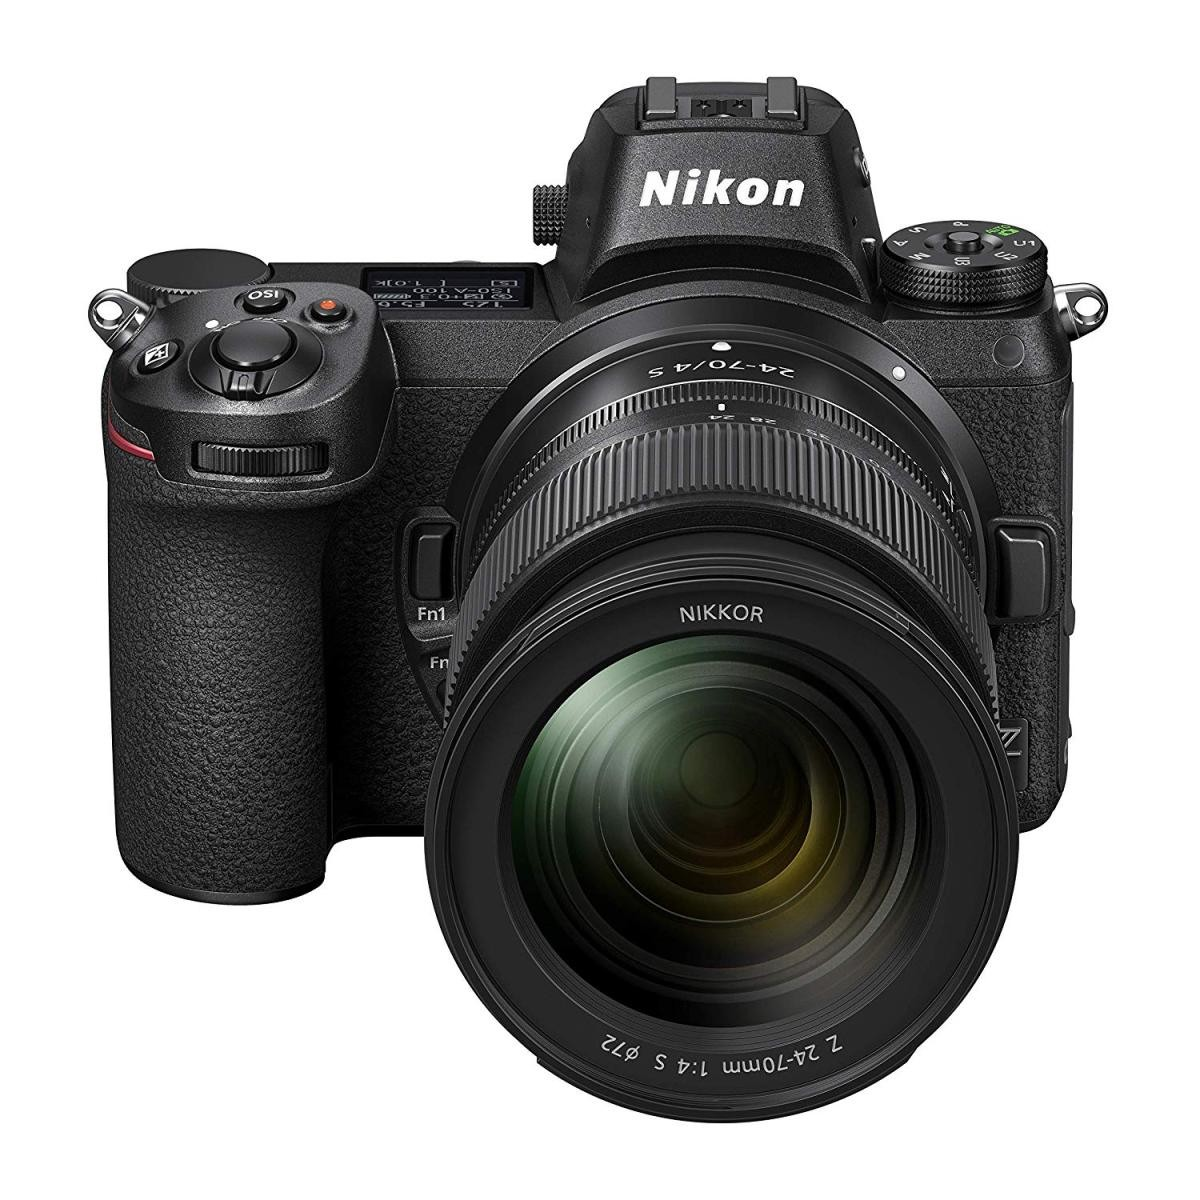 ニコン Z 6 24-70+FTZマウントアダプターキットの商品画像 4